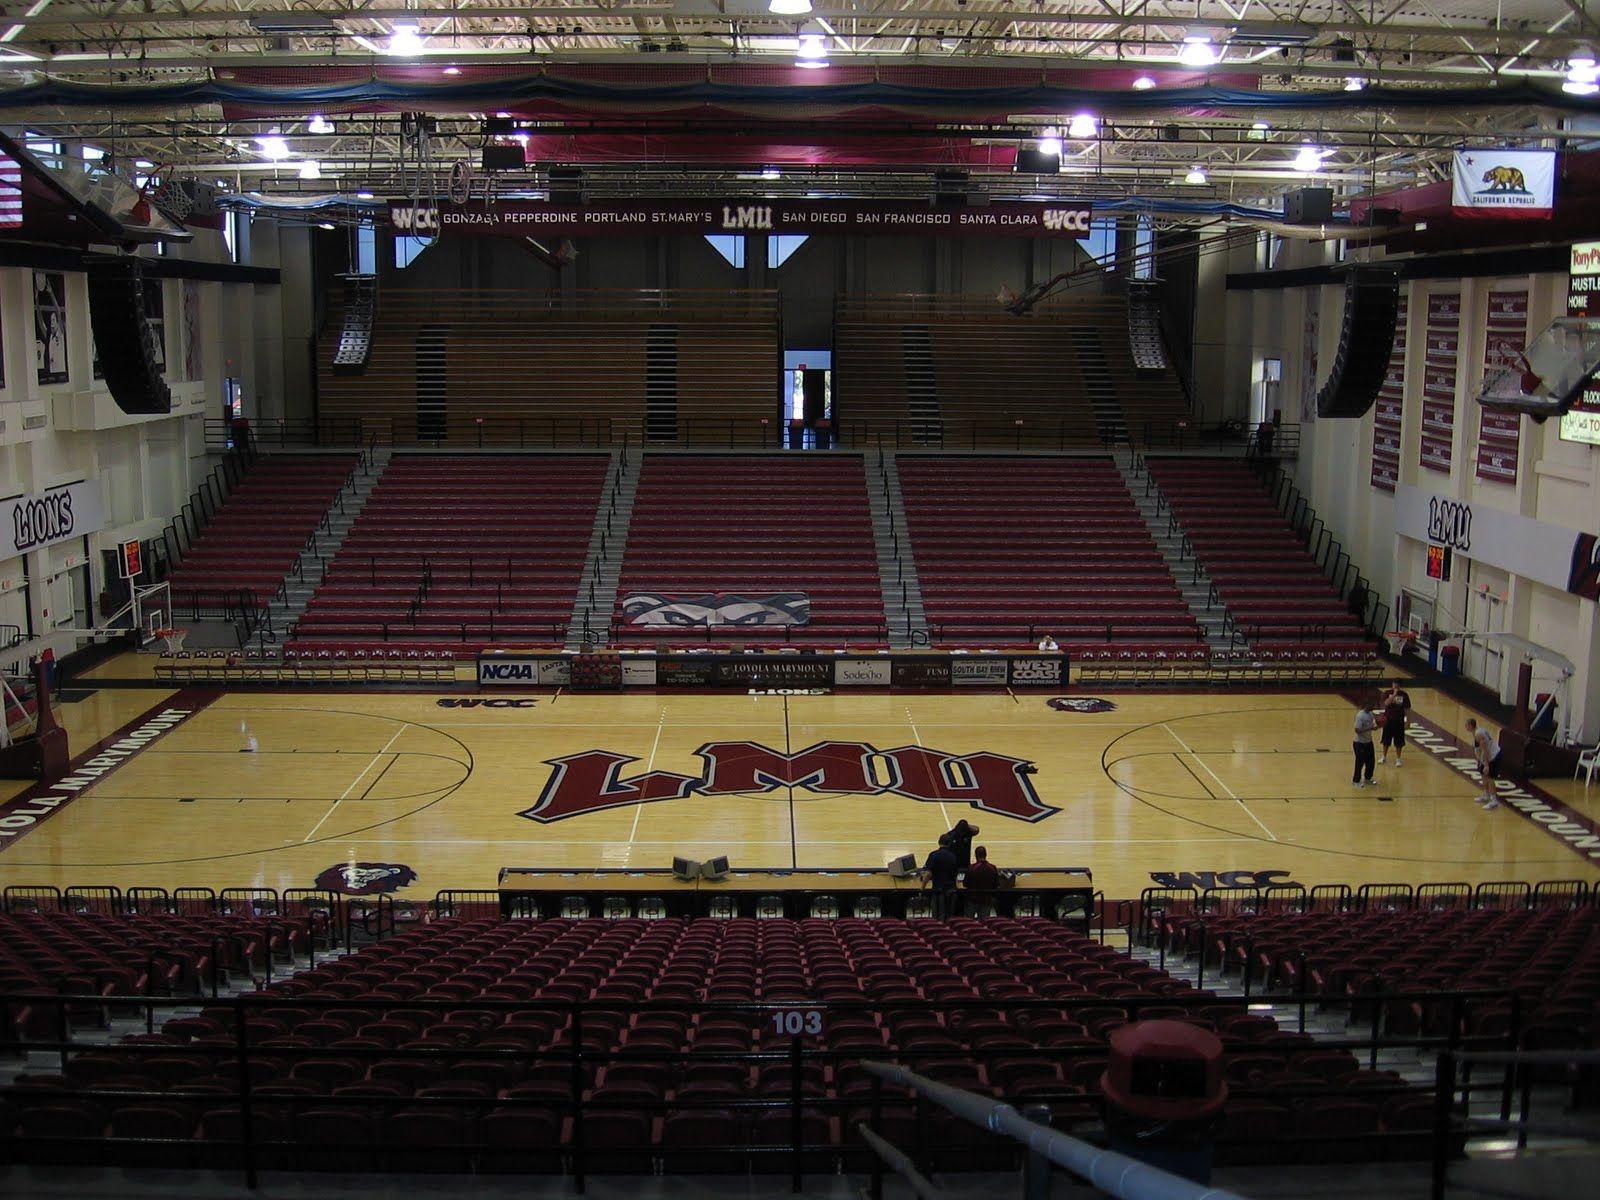 Gersten Pavilion Loyola Marymount University California West Coast Conference Loyola Marymount University College Basketball